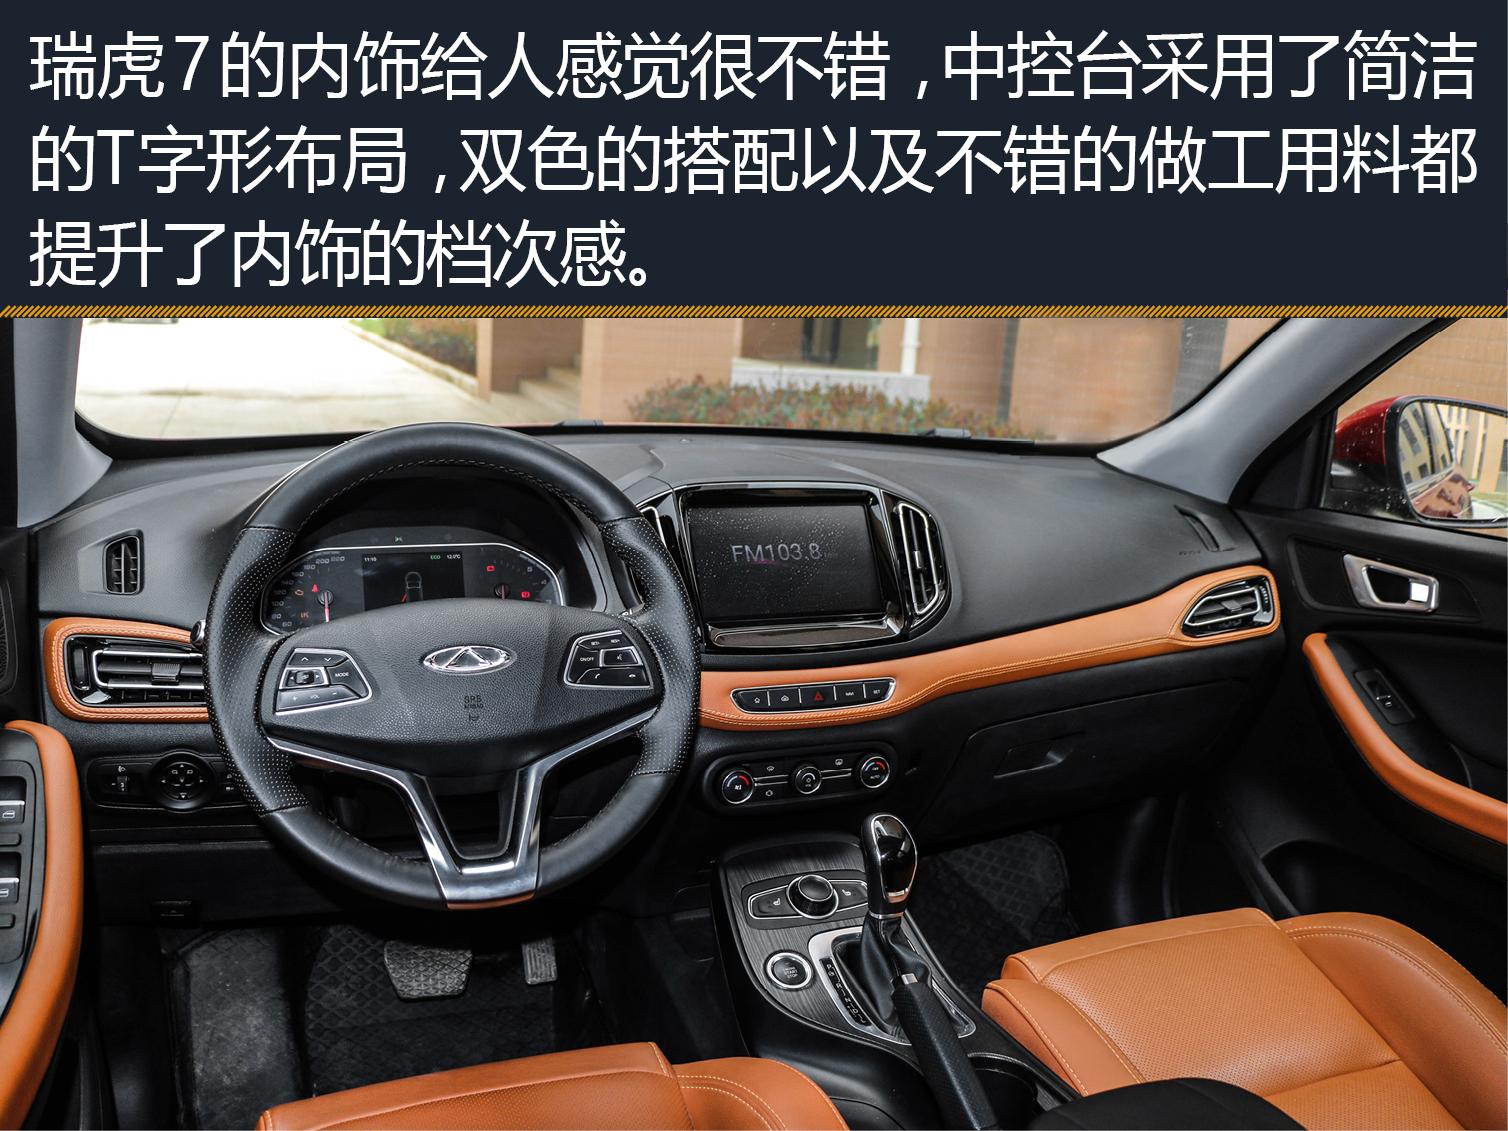 奇瑞瑞虎7底价来袭促销竞争长安cs75